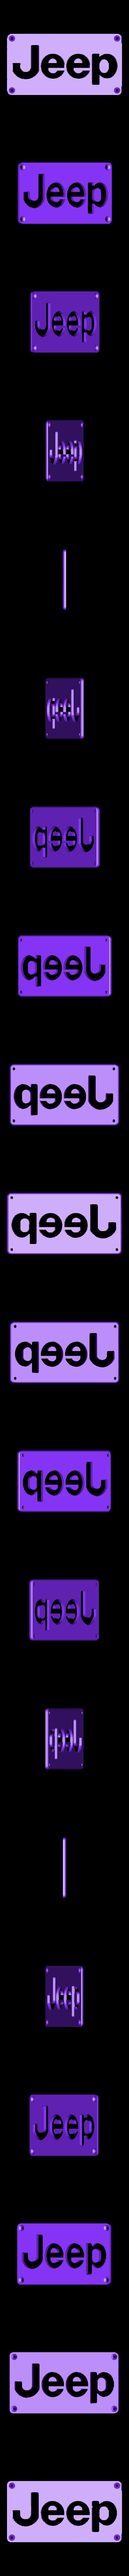 Jeep_Plate.STL Télécharger fichier STL gratuit Emblème Jeep Lumière LED / Veilleuse • Objet pour impression 3D, Balkhagal4D